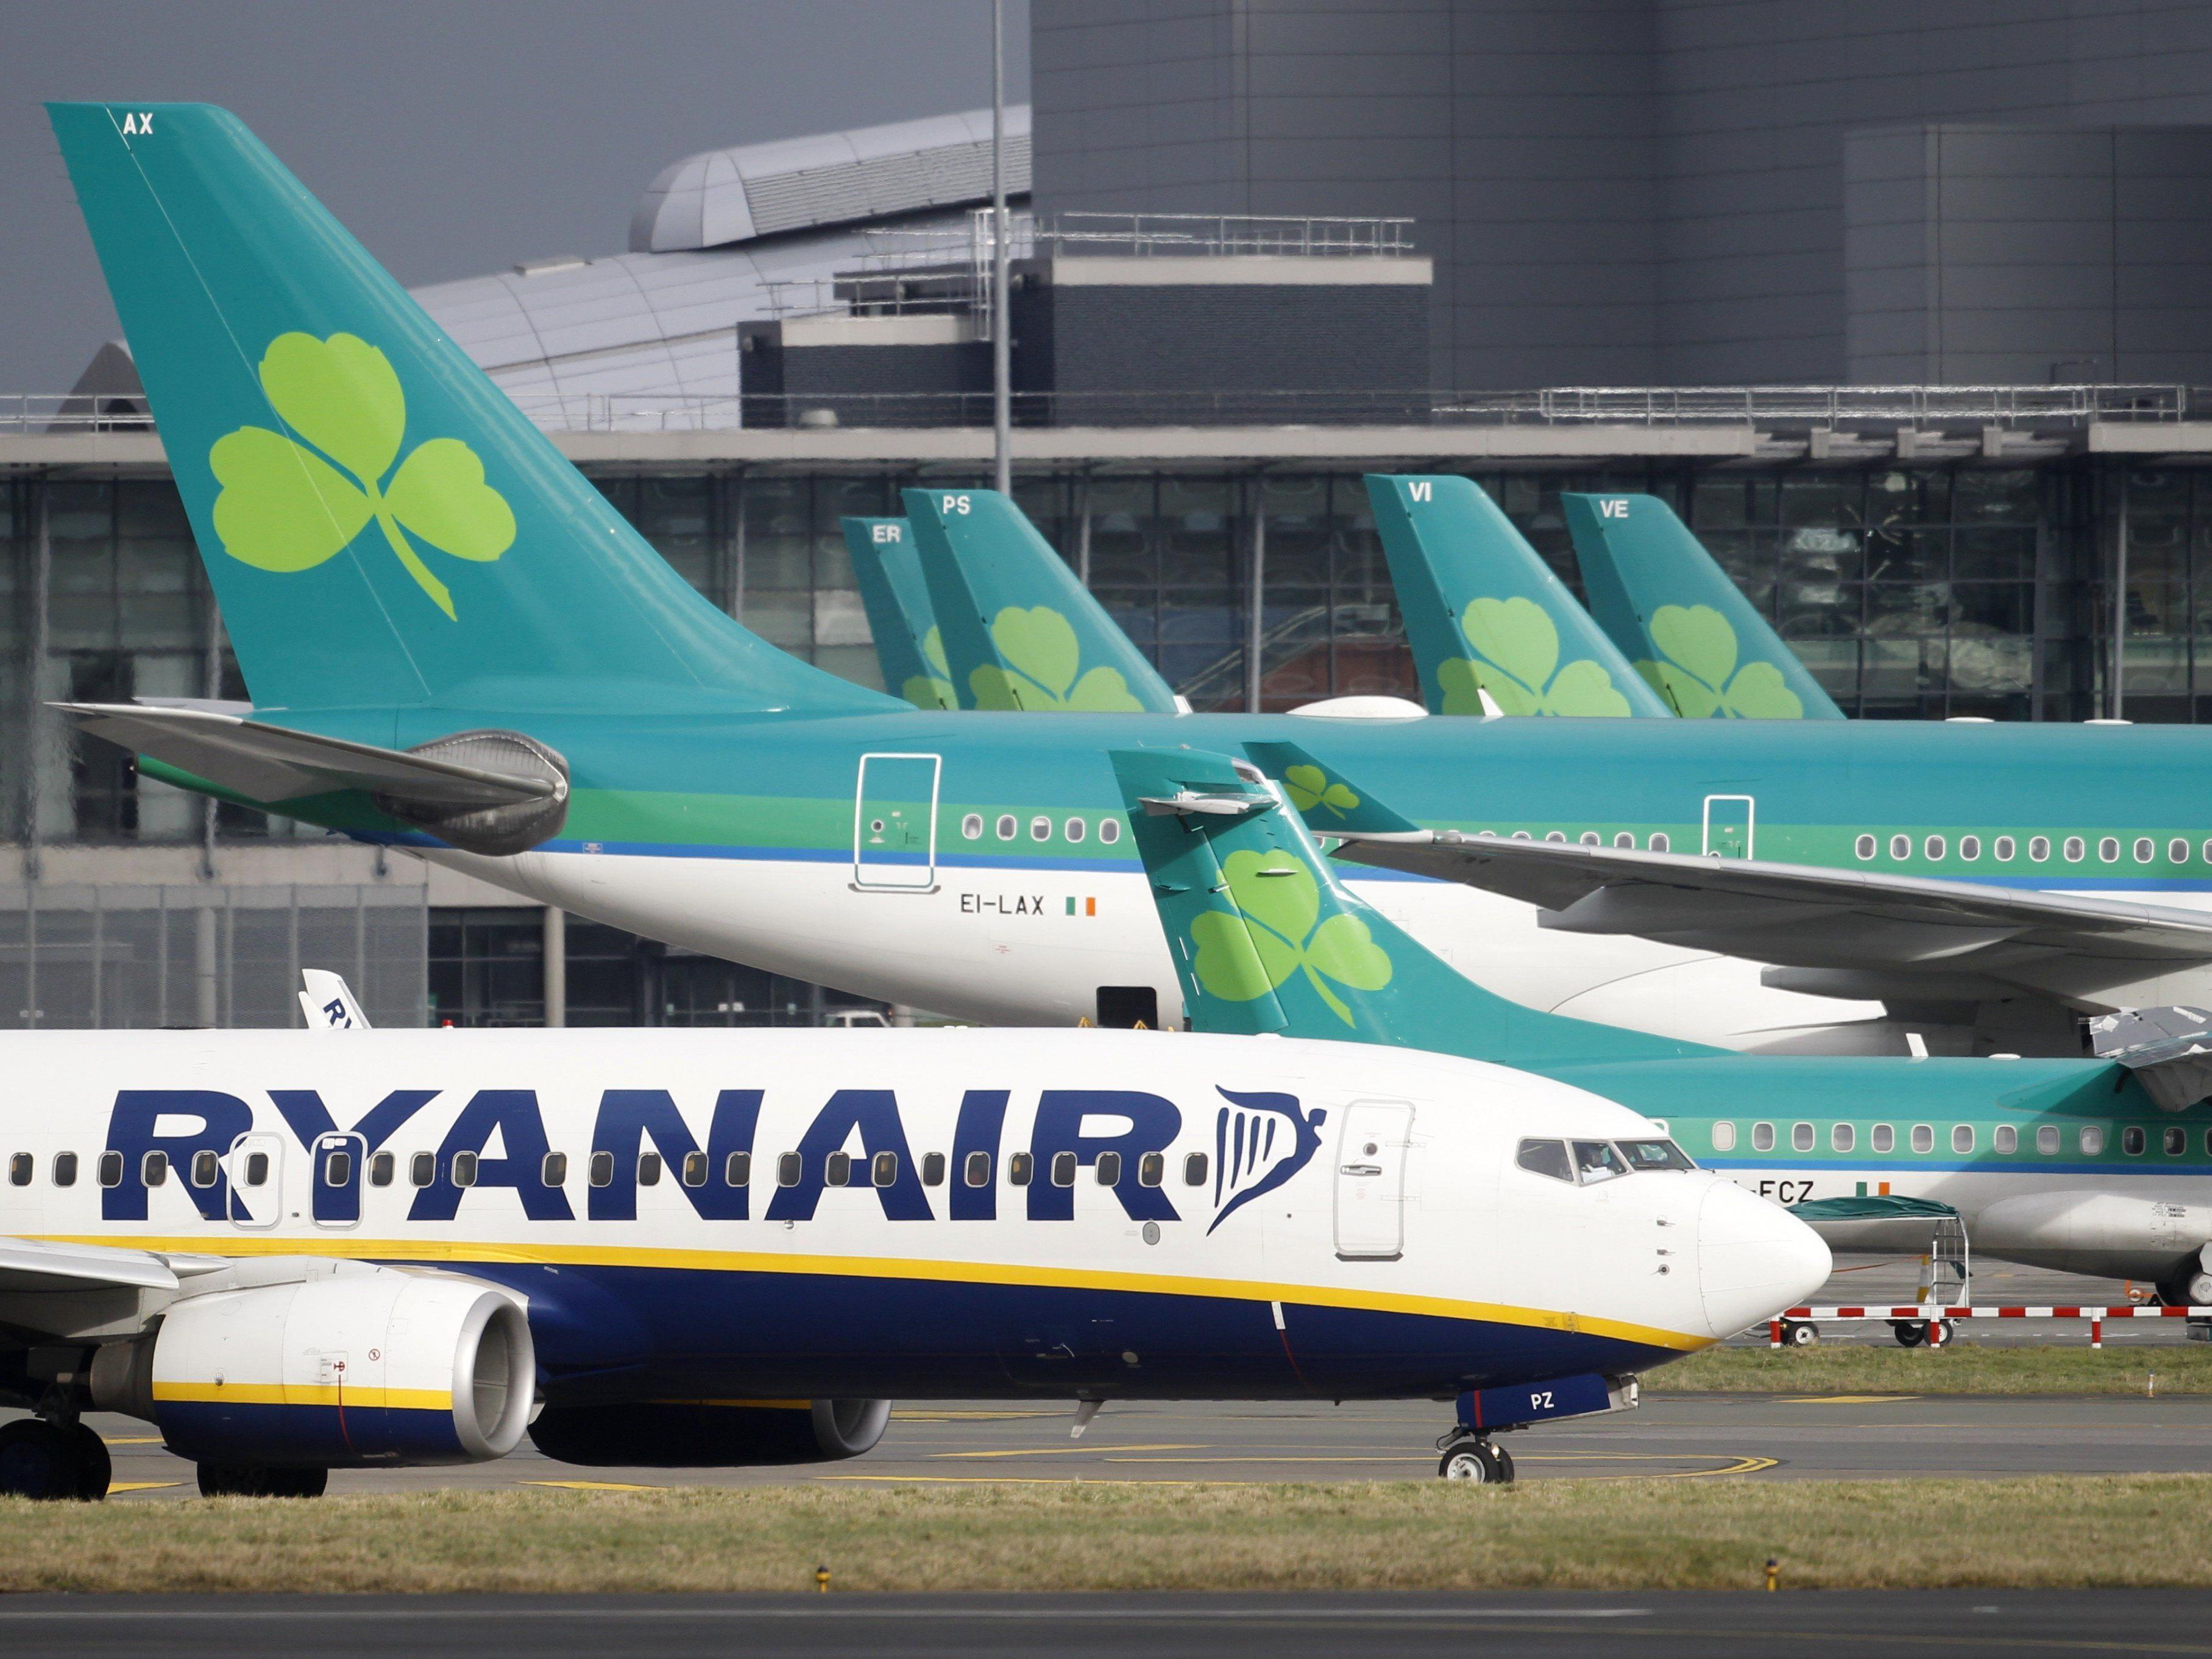 Vor allem Aer Lingus und Ryanair nutzen Dublin als Drehkreuz.